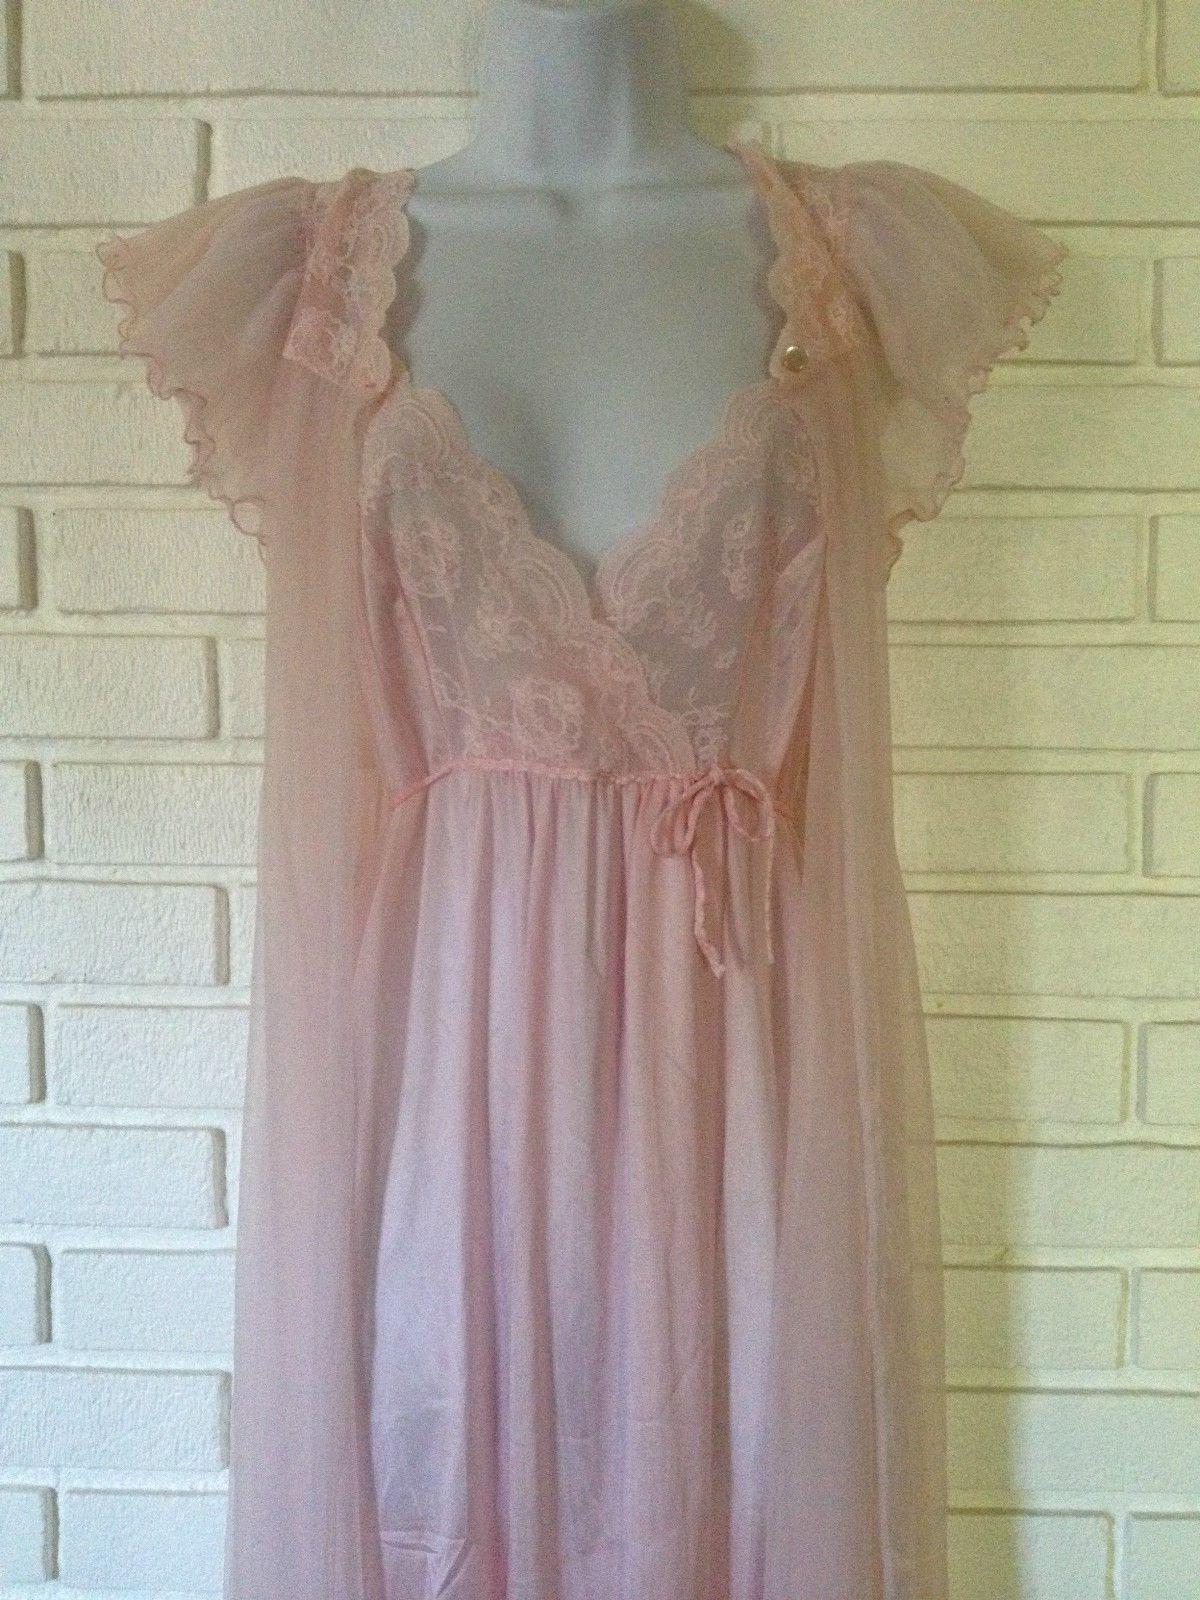 Peignoir-nightgown-negligee-nightdress-bedgown-nightrobe  c0eec28bb